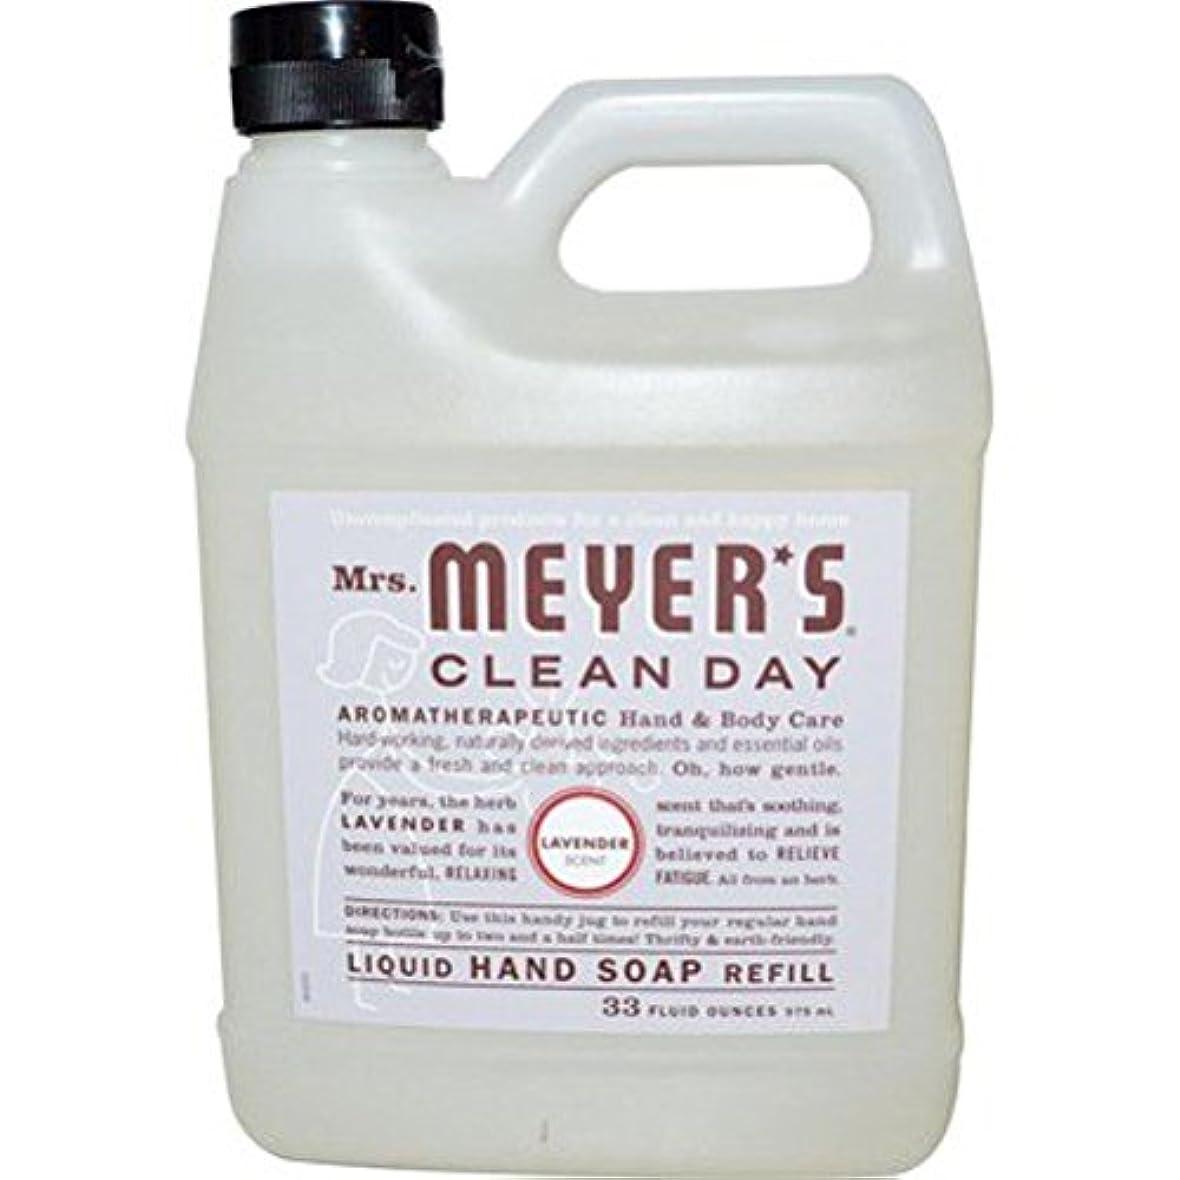 分泌するアトム代名詞Mrs. Meyers Clean Day, Liquid Hand Soap Refill, Lavender Scent, 33 fl oz (975 ml)